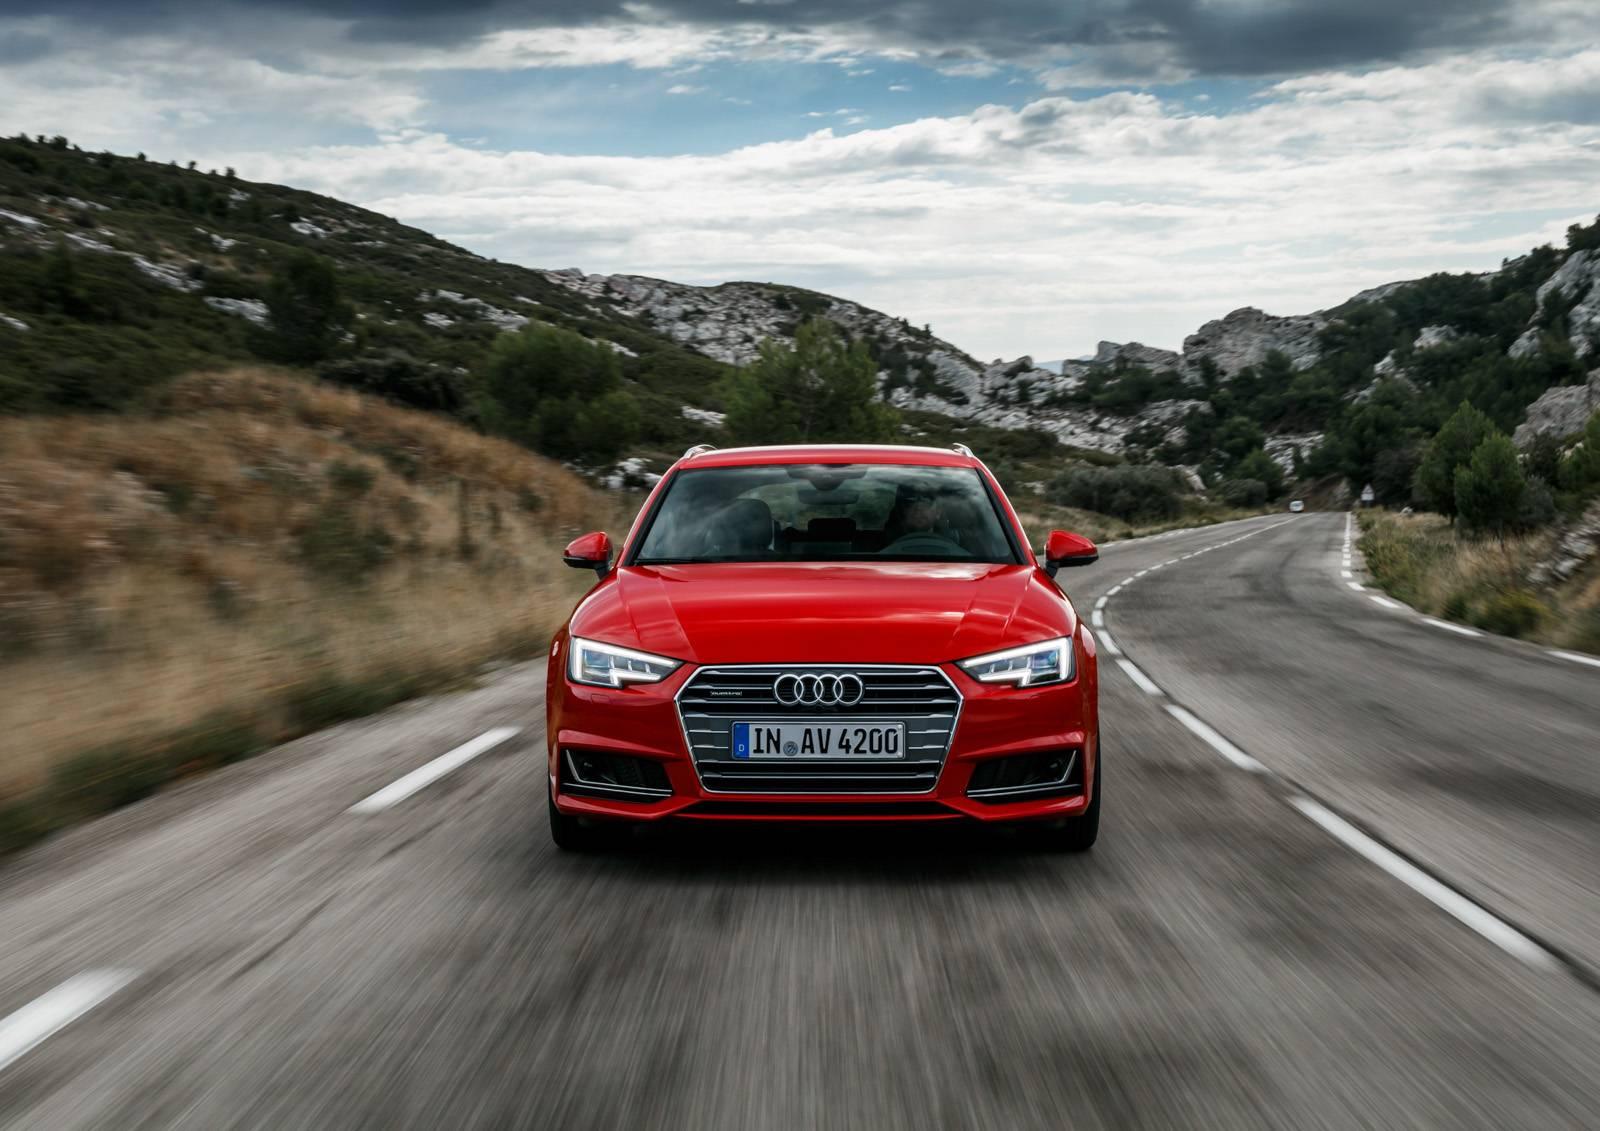 Audi A4 Autonoleggio Con Conducente